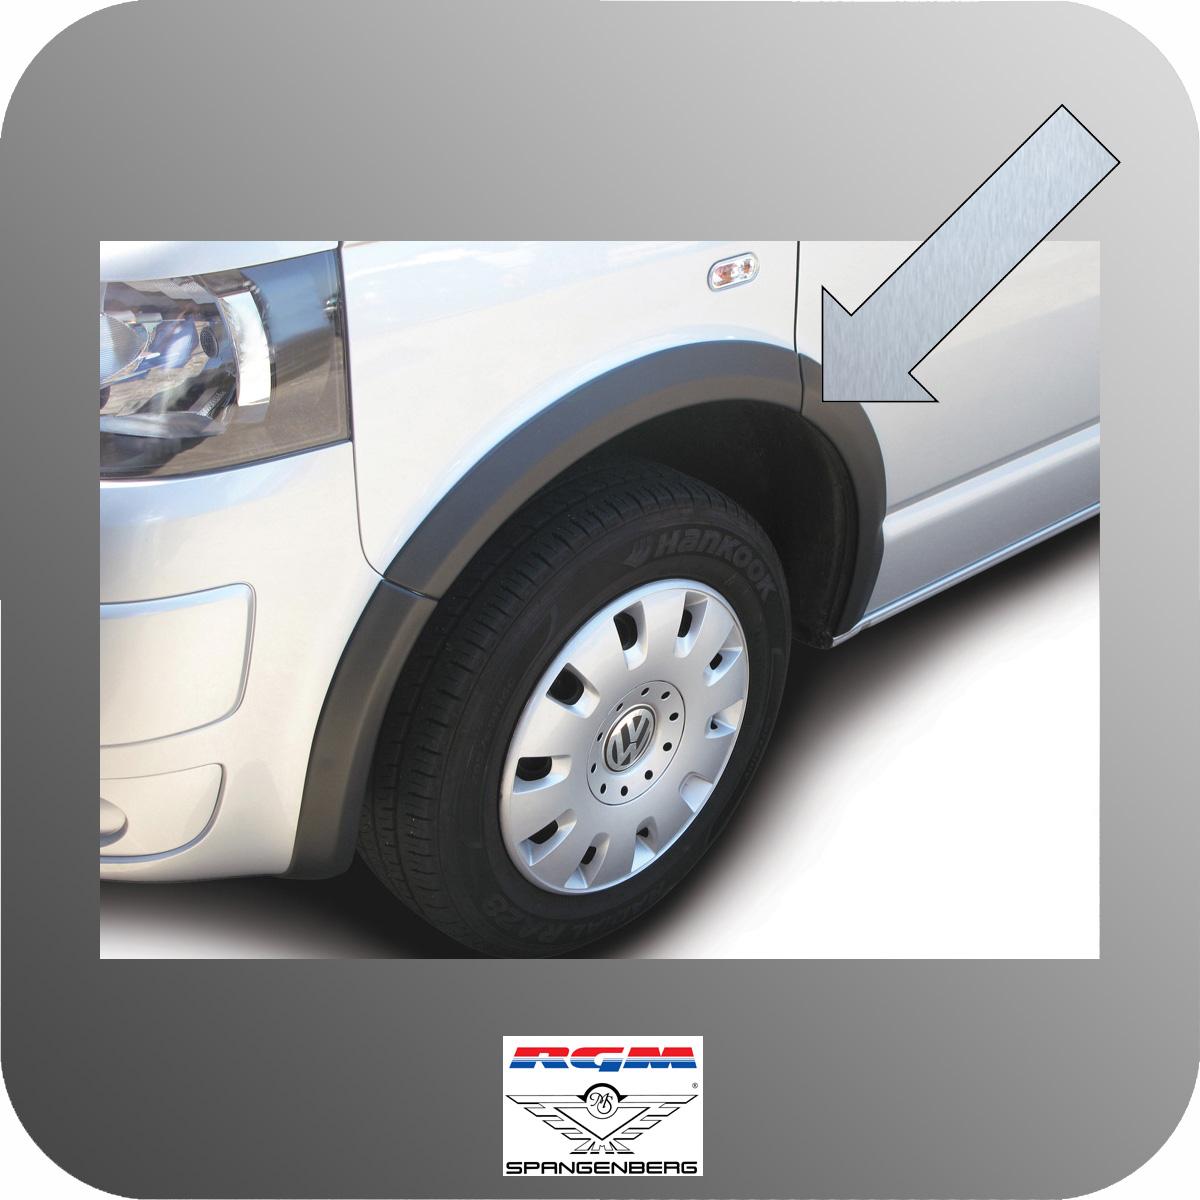 Radlaufabdeckung für VW T6 Radstand kurz 2 Schiebetüren 02.2015-11.2019 7420263